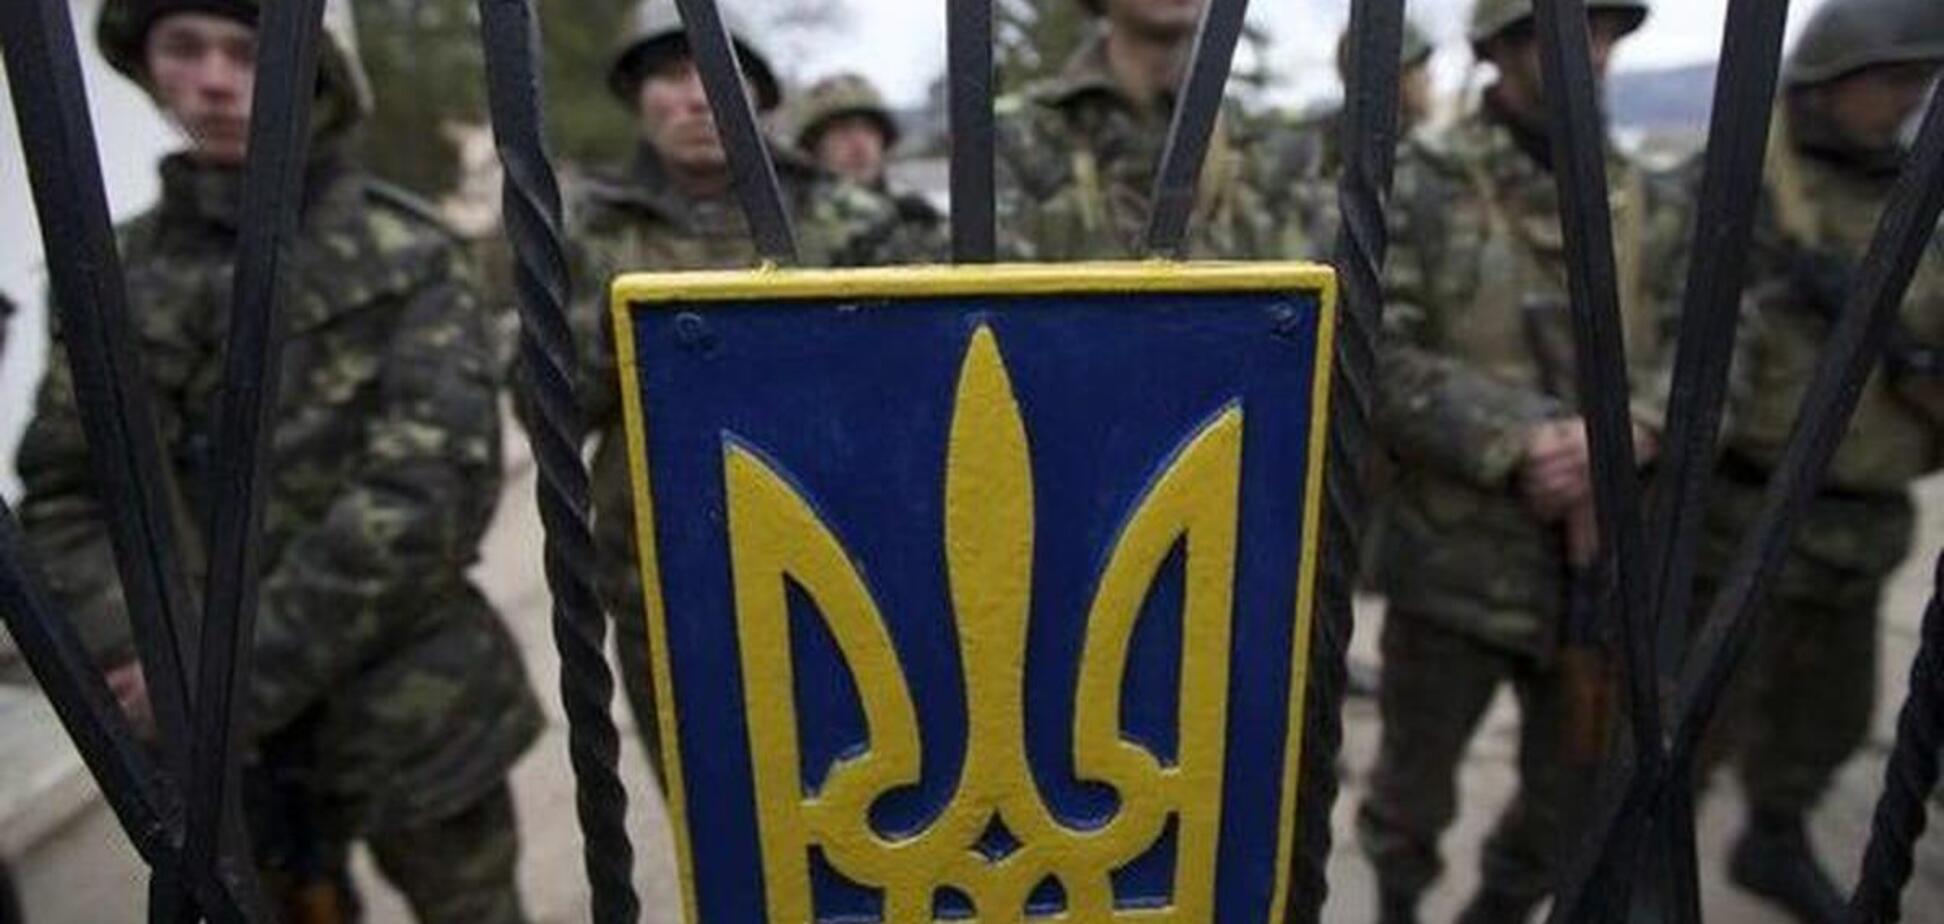 Випускників шкіл масово забирають в армію через карантин: що говорить закон